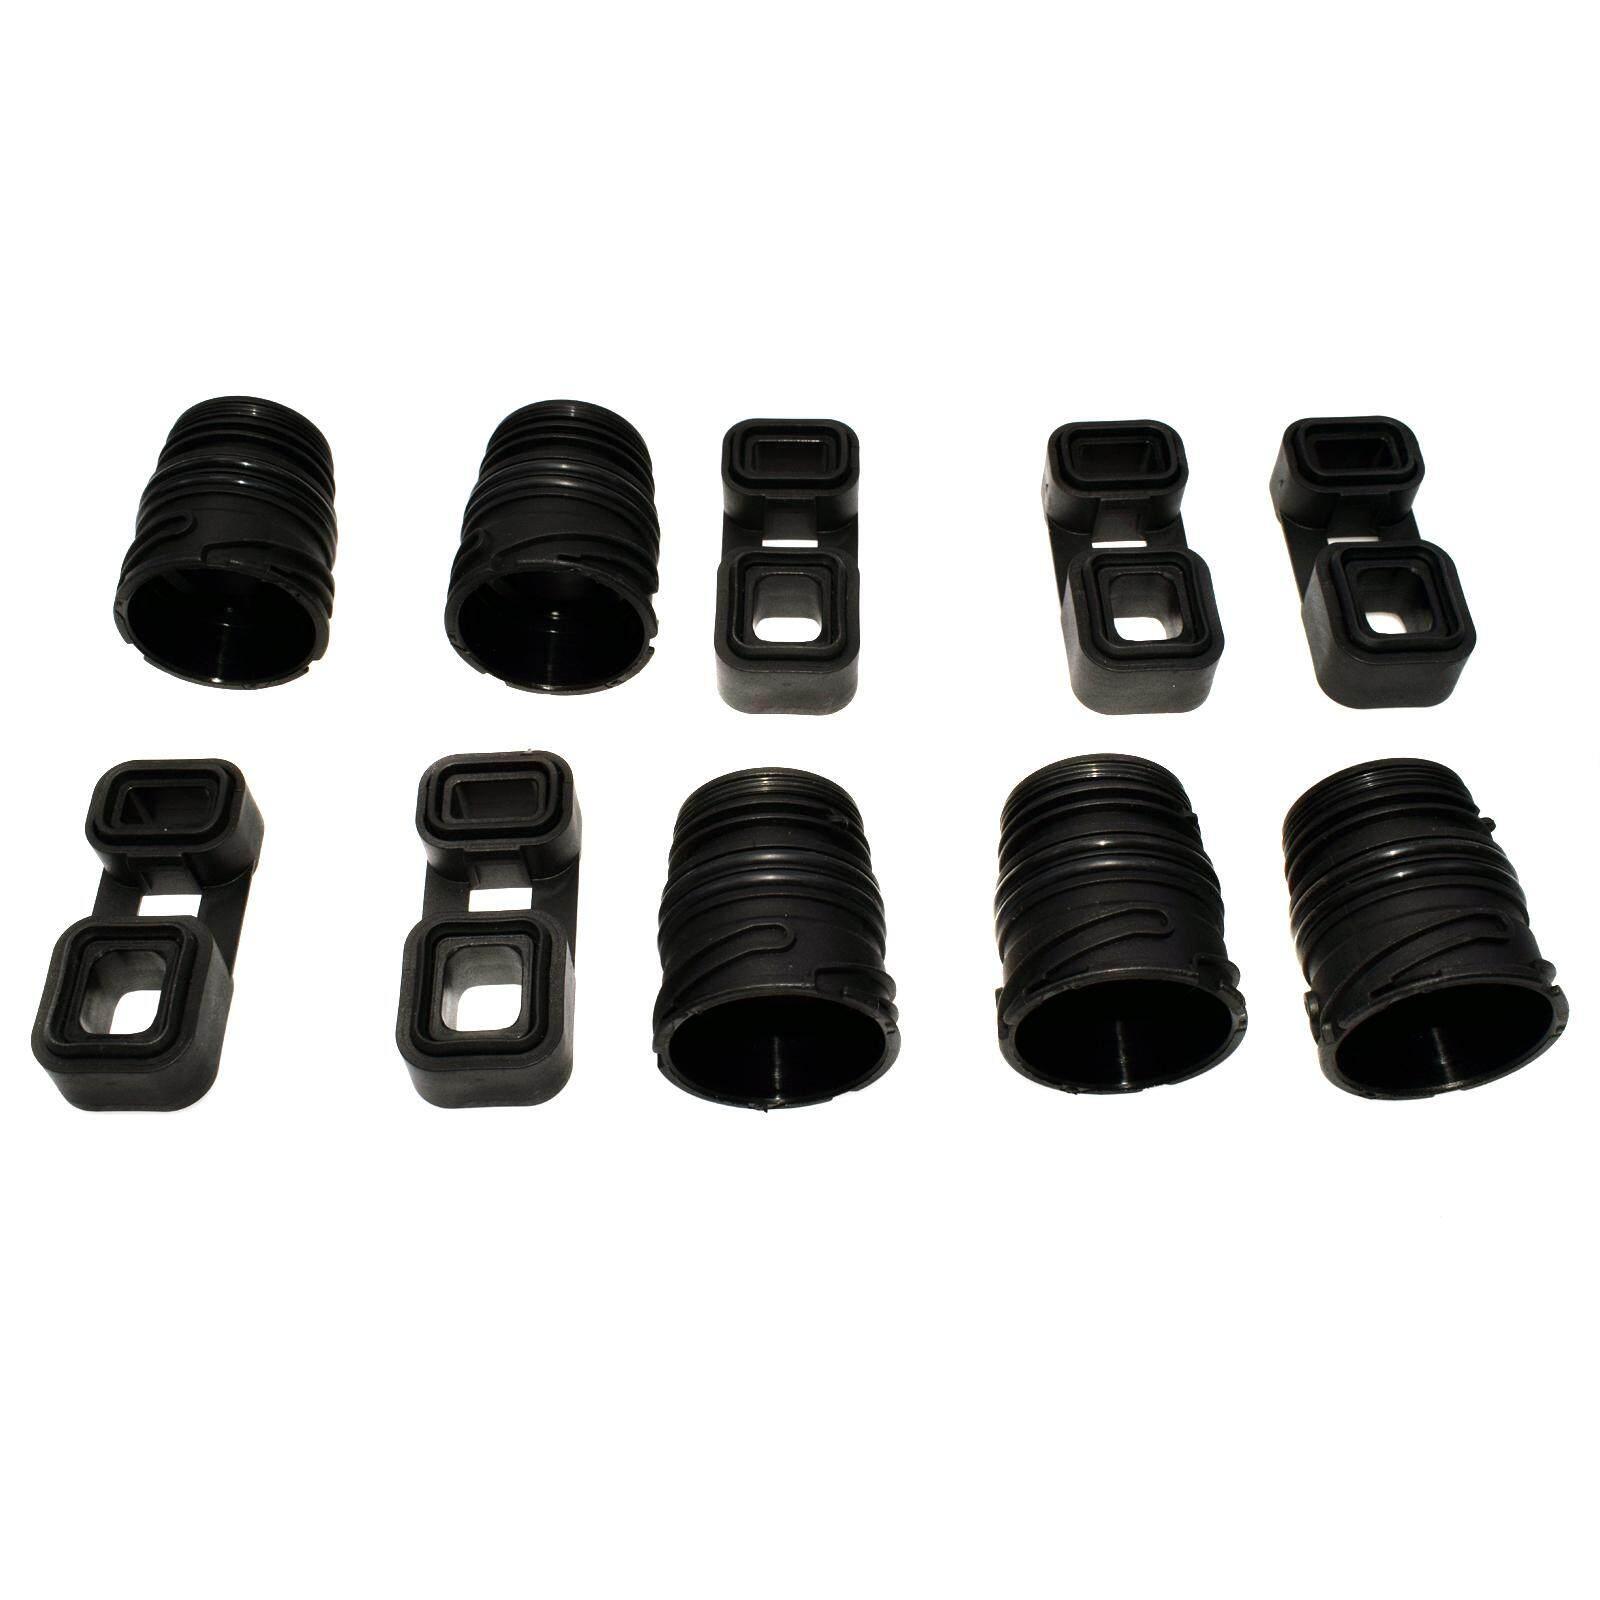 FOR BMW E53 E65 E66 E70 E71 E90 NEW TRANSMISSION SEALING SLEEVE /& PLUG ADAPTOR